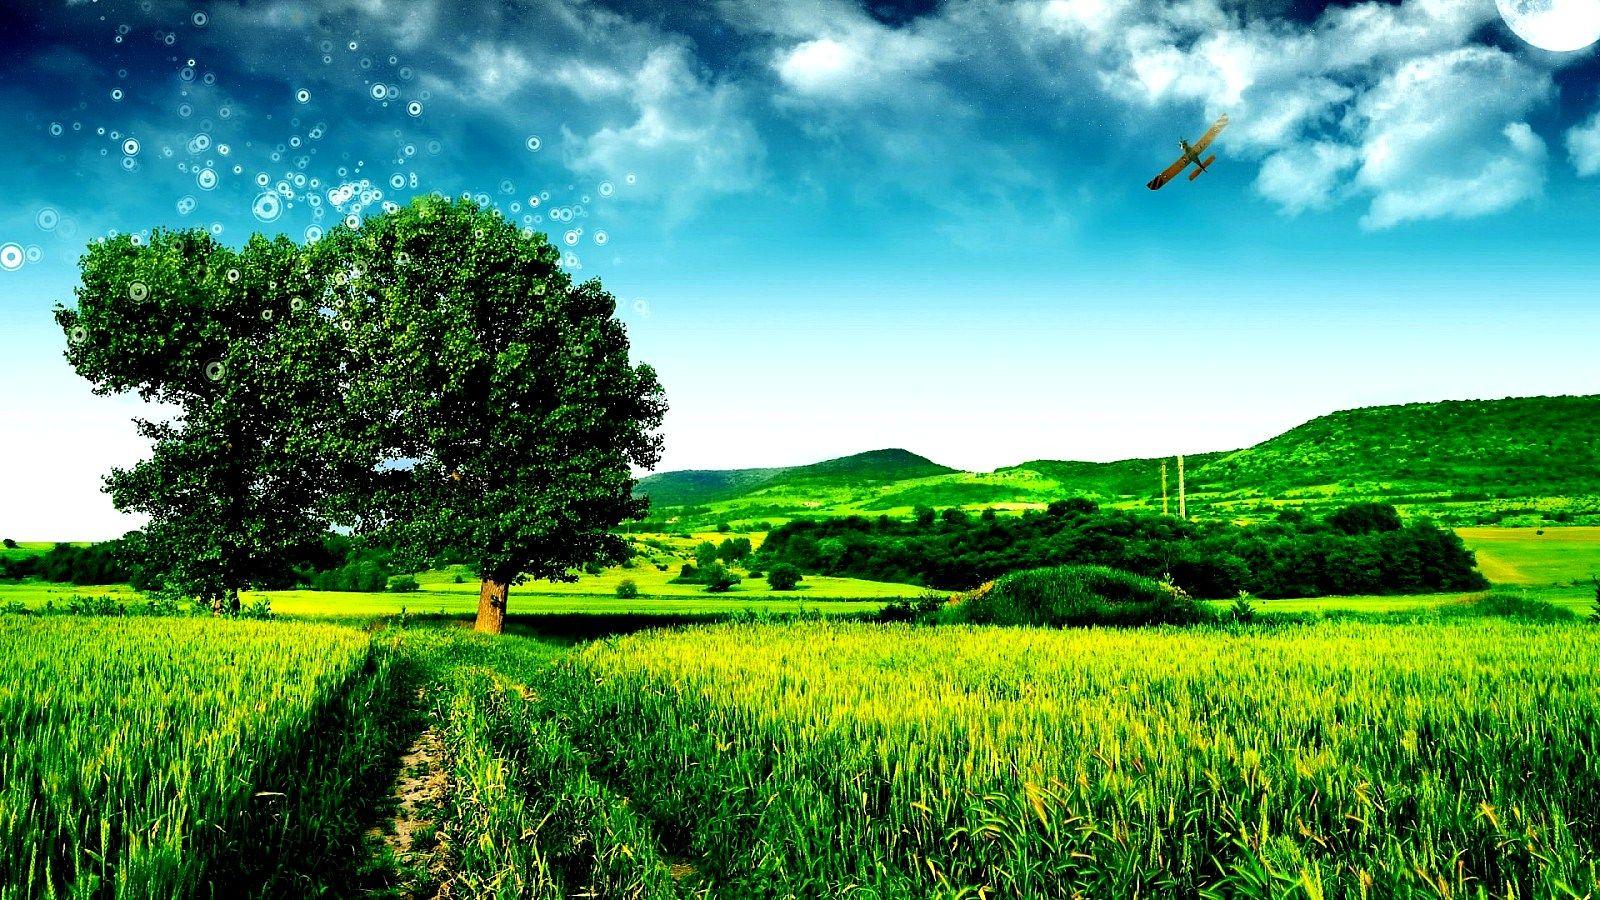 Nature Tree Go Green HD Wallpaper